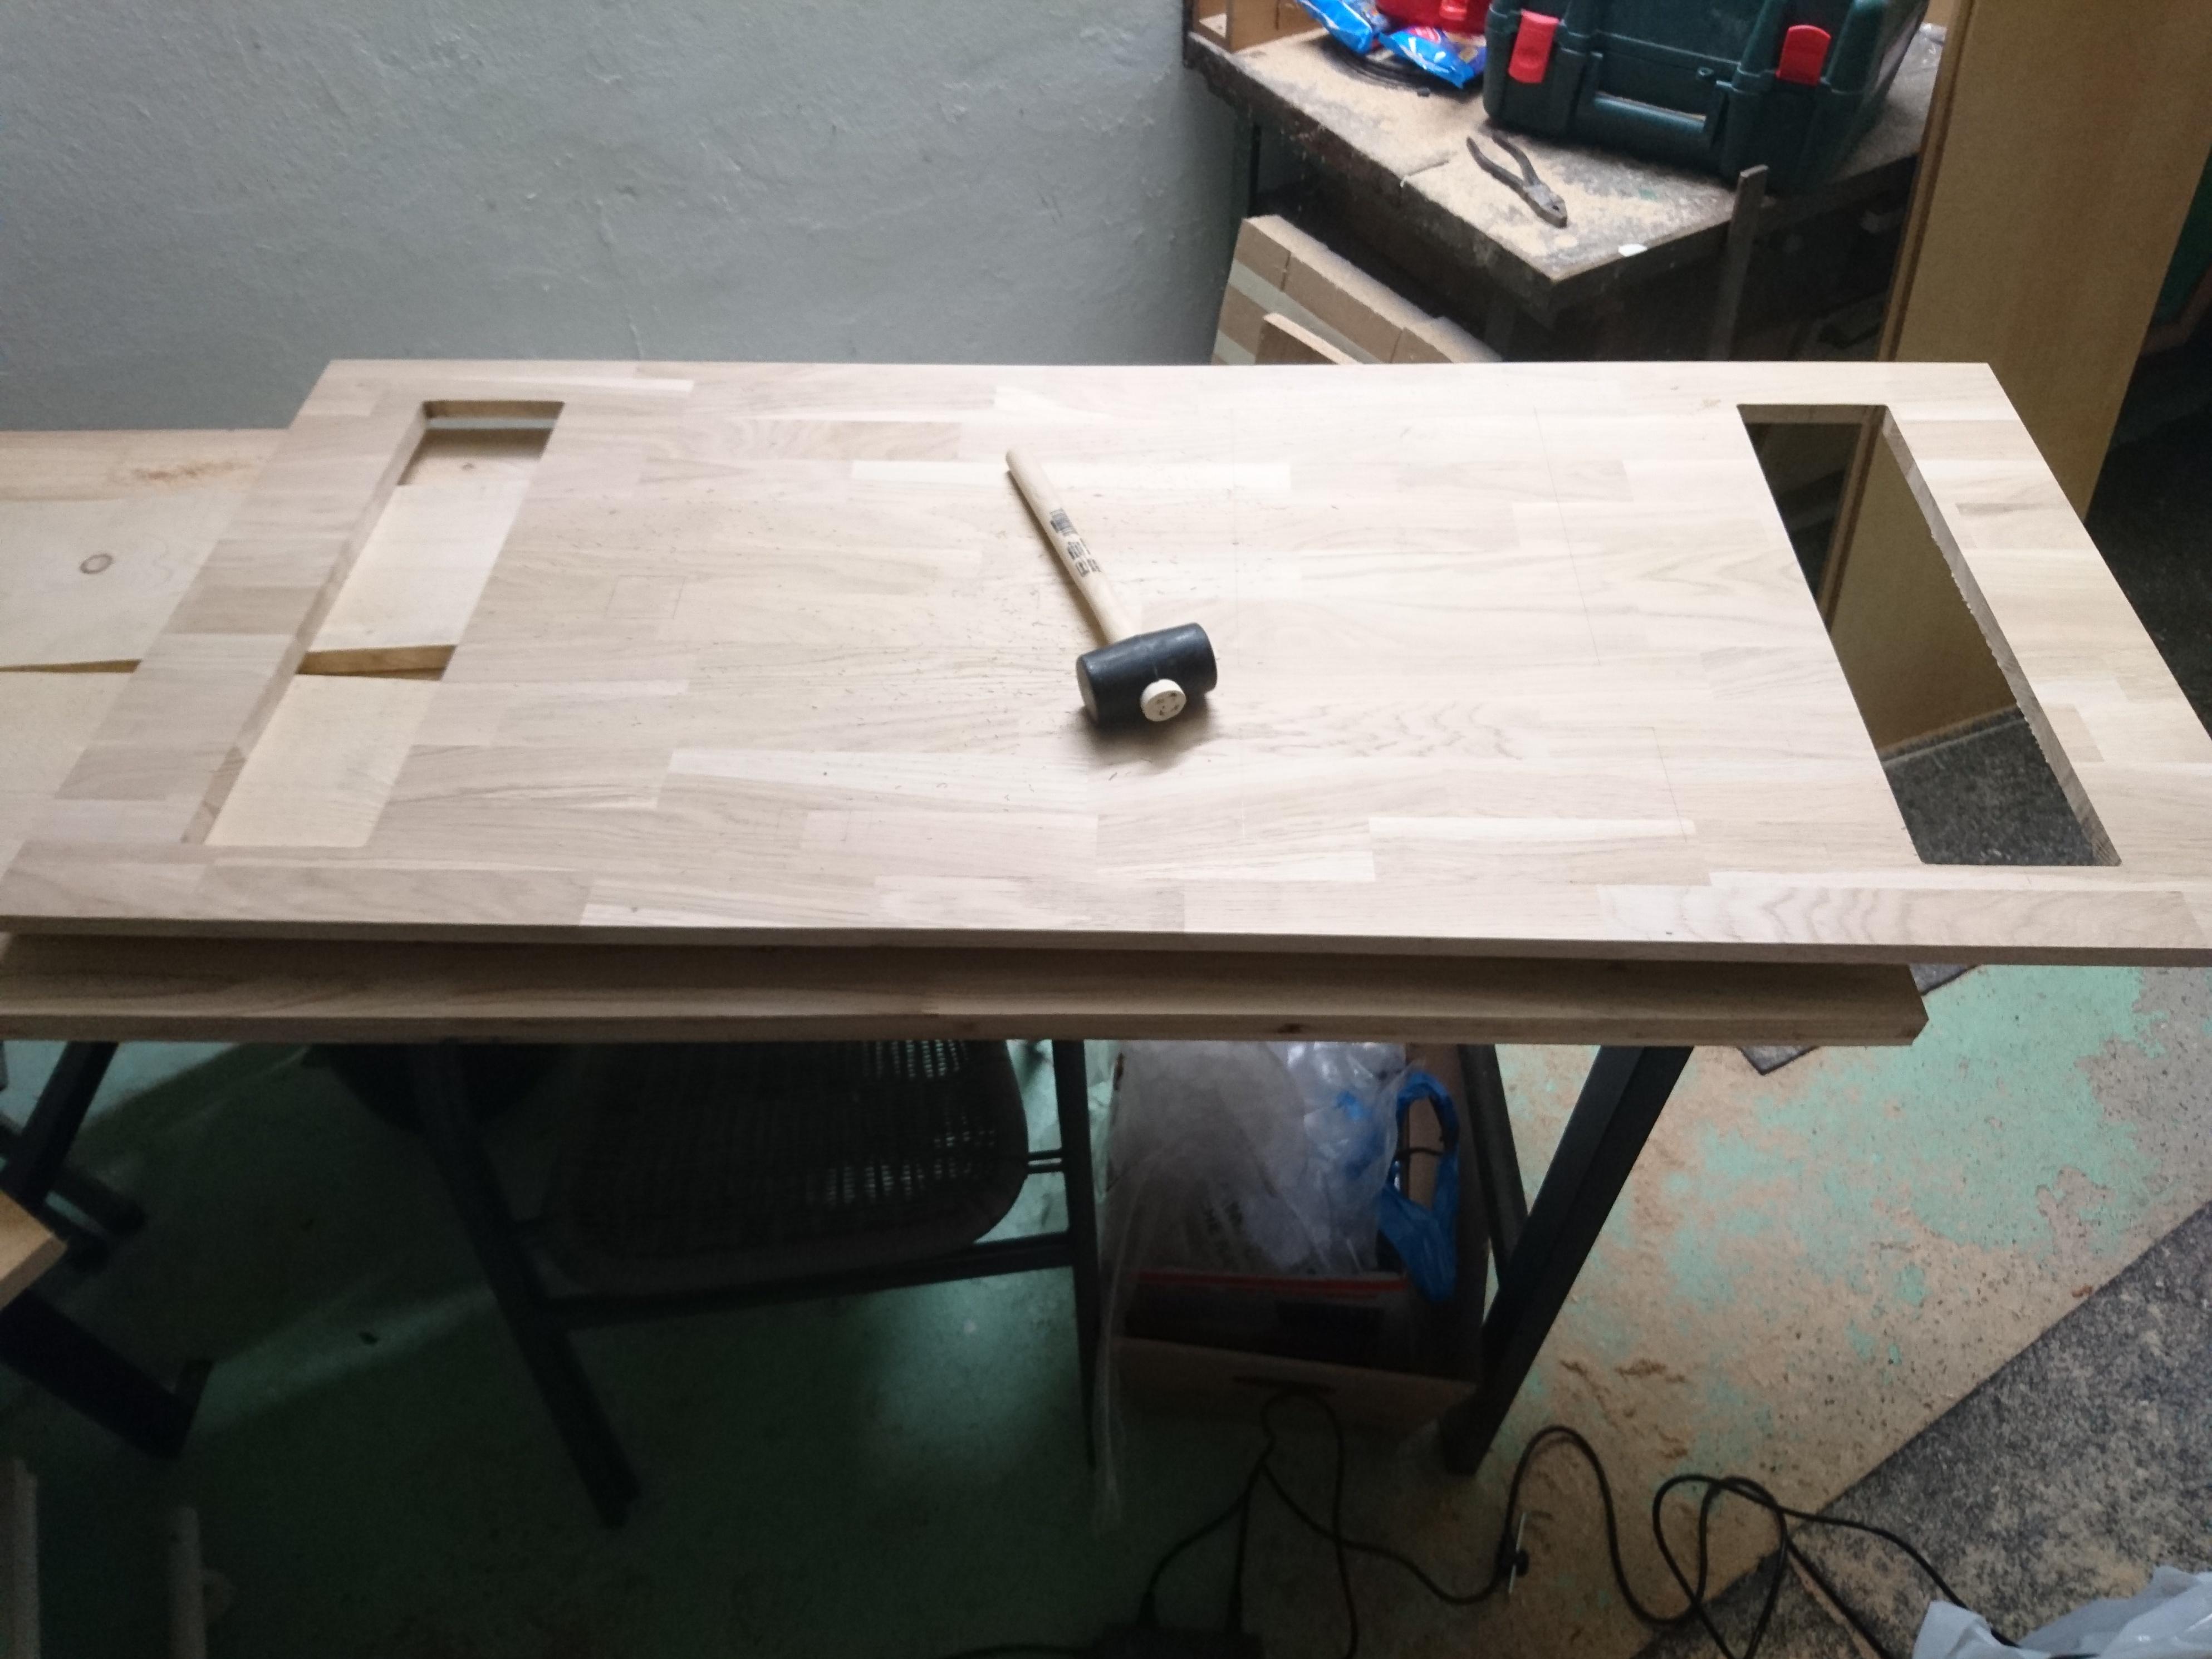 tisch bauen fabulous esstisch nussbaum selber bauen with tisch bauen finest esstisch. Black Bedroom Furniture Sets. Home Design Ideas